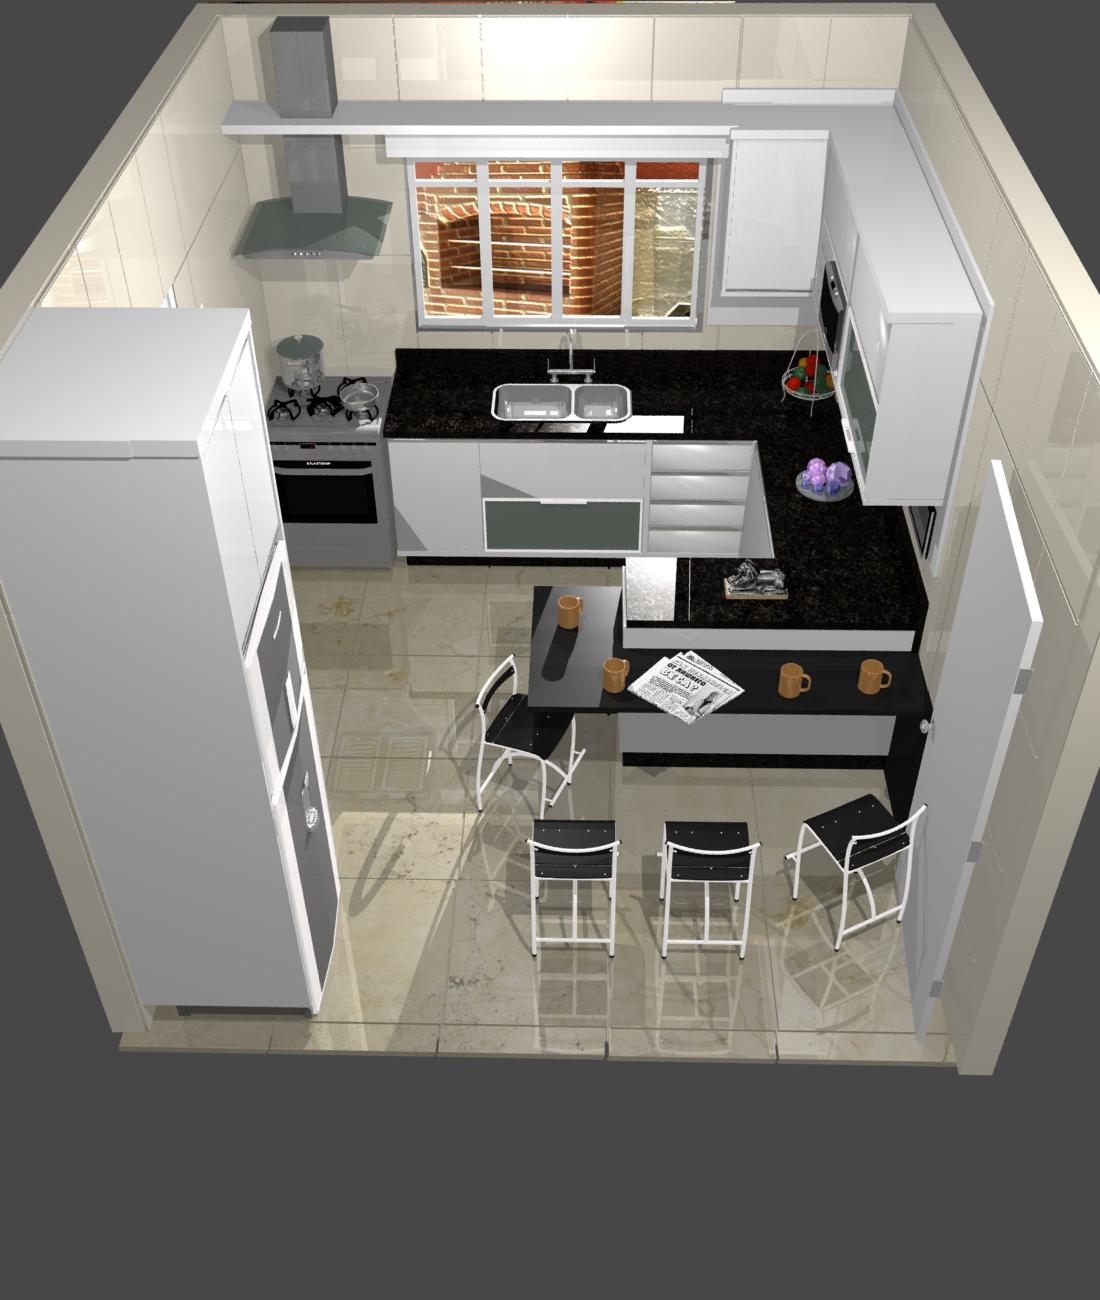 para cozinhas cozinhas planejadas dellano dellano cozinhas planejadas #6D442B 1100 1300